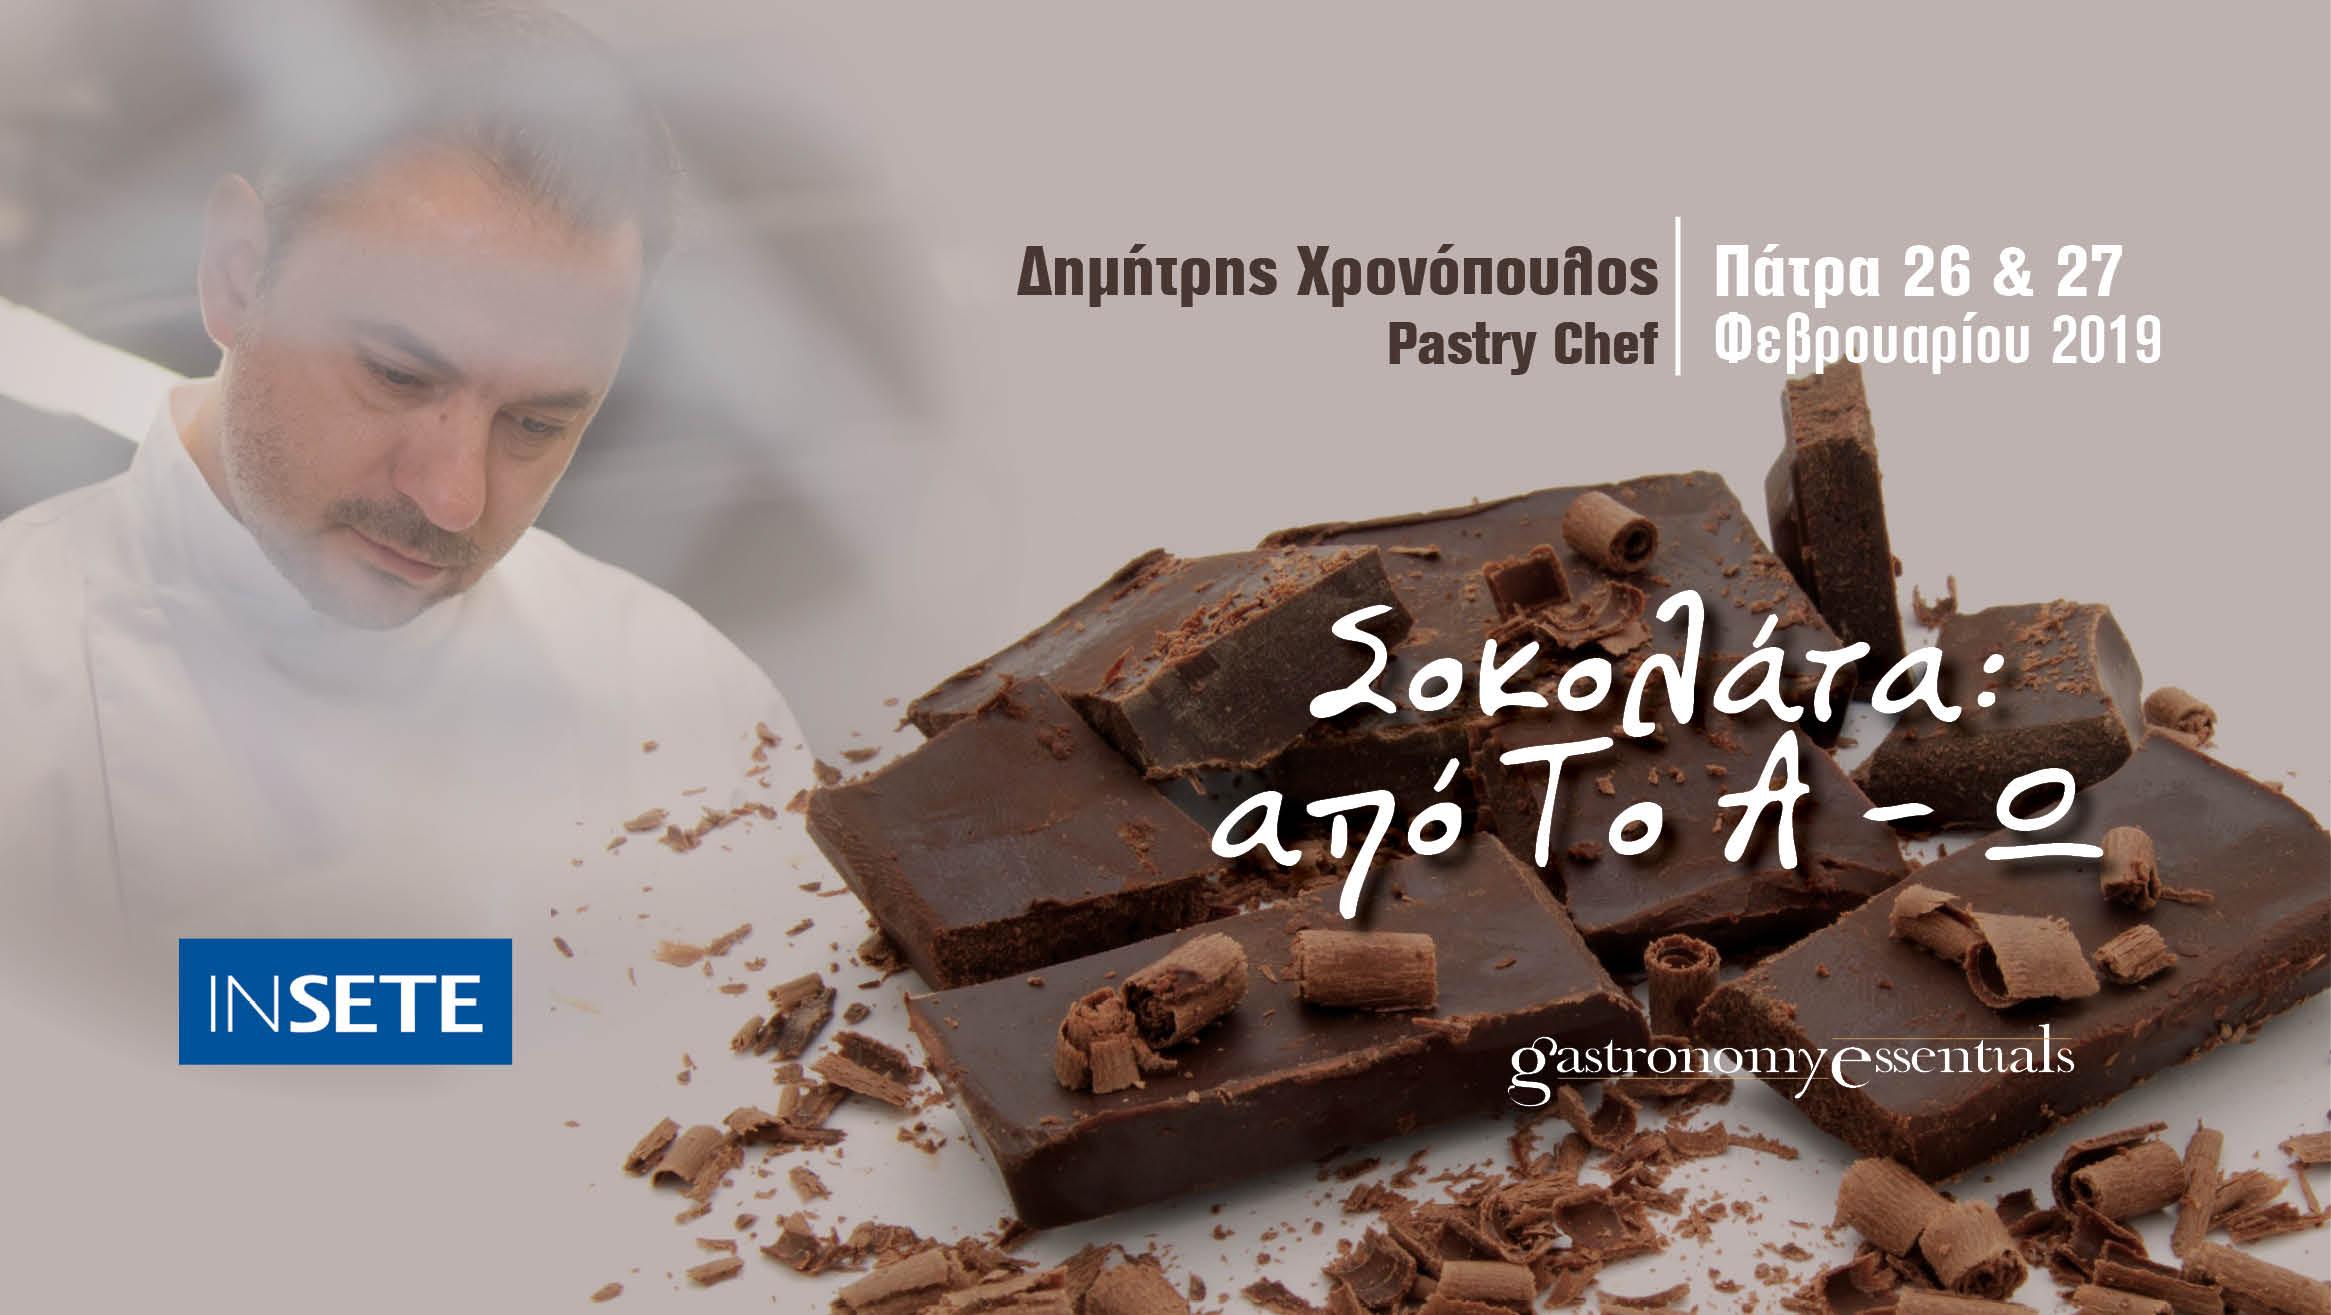 Σοκολάτα: Απο το Α εως το Ω - Πάτρα